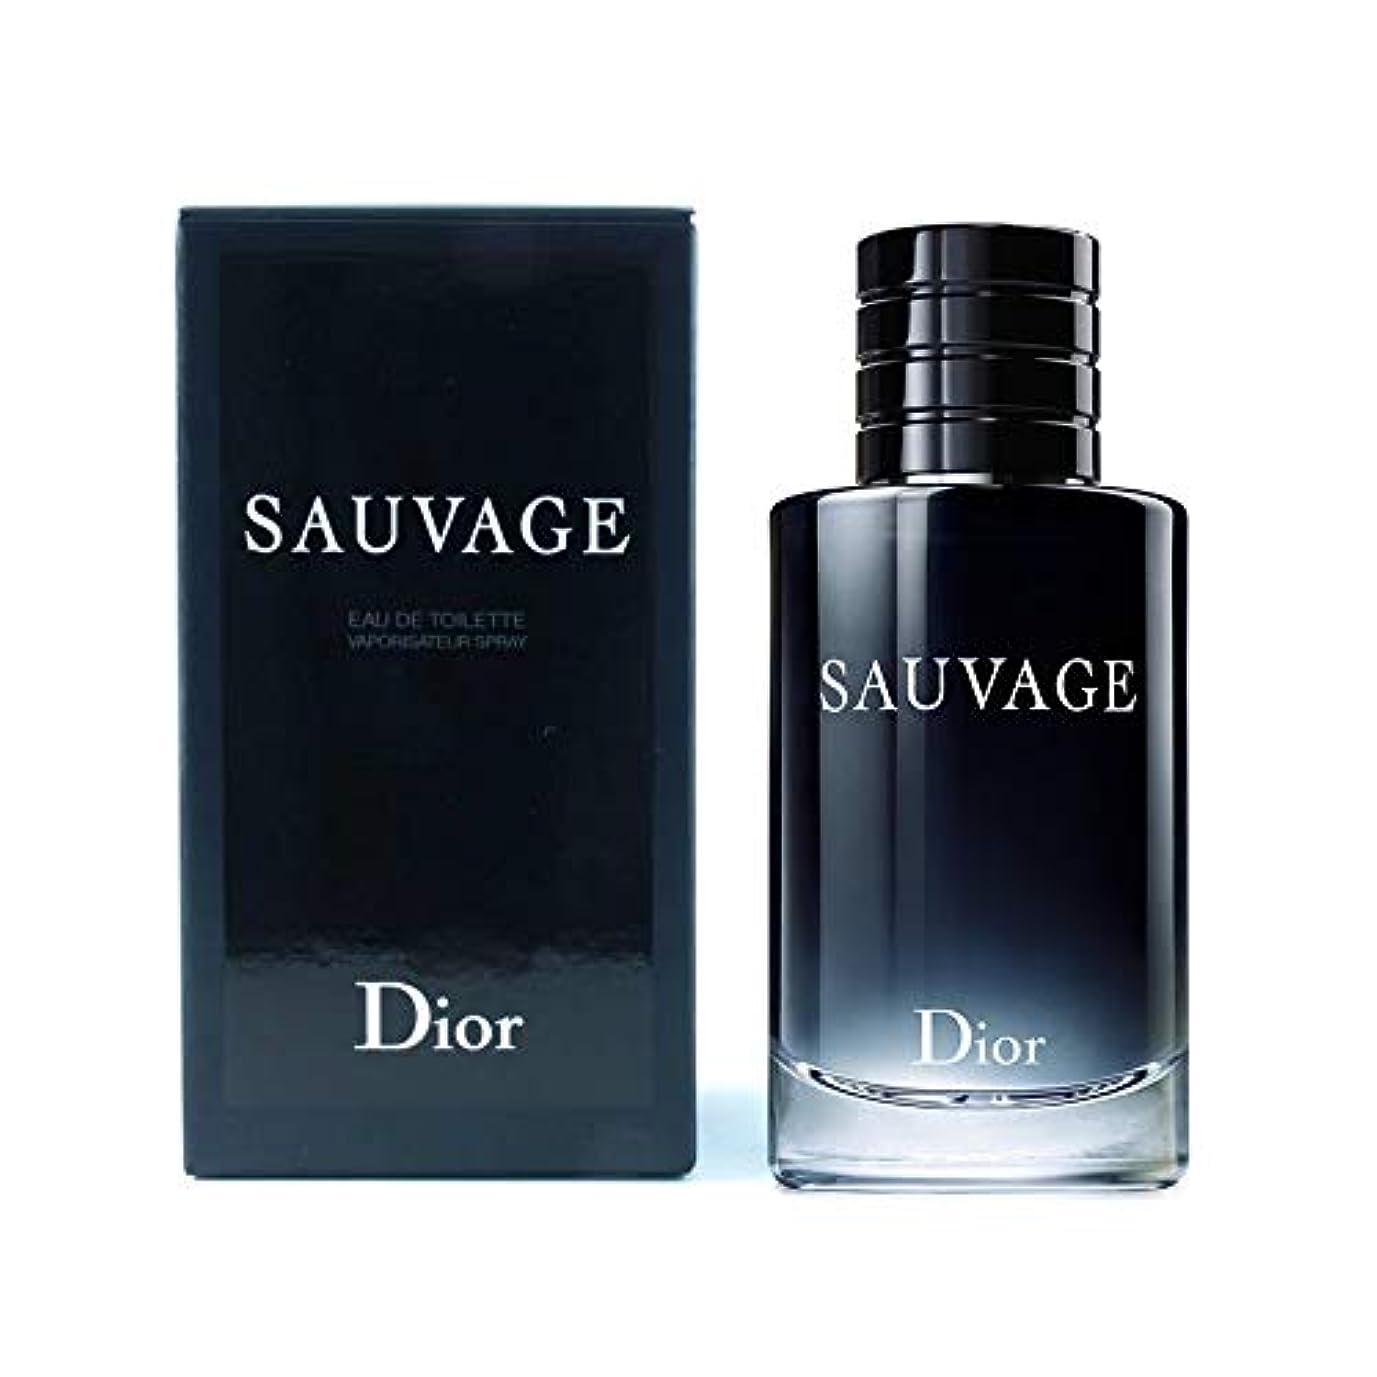 のりテレックスアジアクリスチャン ディオール(Christian Dior) ソヴァージュ EDT SP 200ml[並行輸入品]